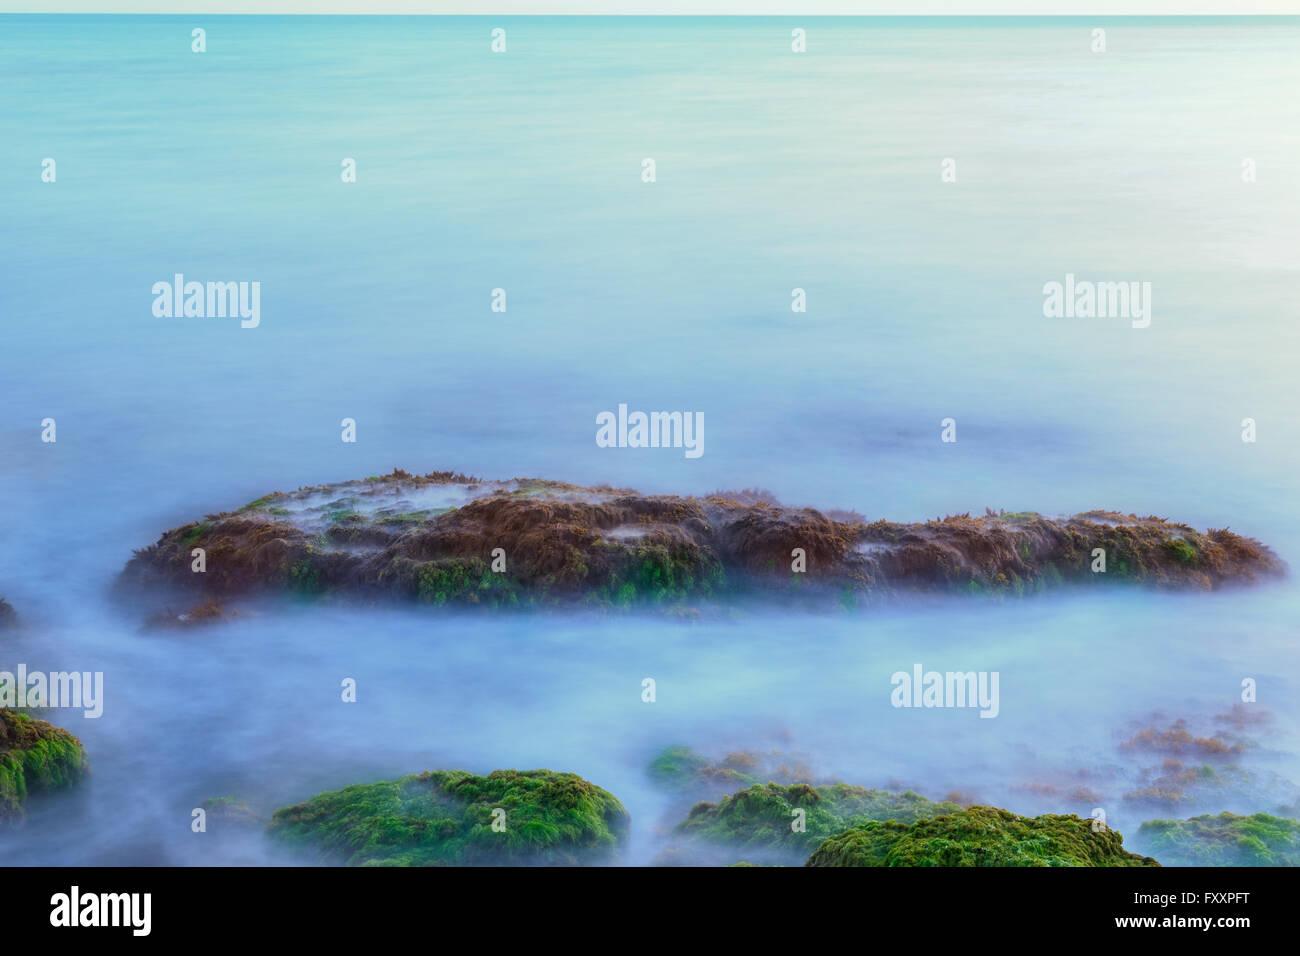 Ätherisch Langzeitbelichtung Schuss von Meereswellen und Felsen mit grünen und braunen Algen am Strand Stockbild